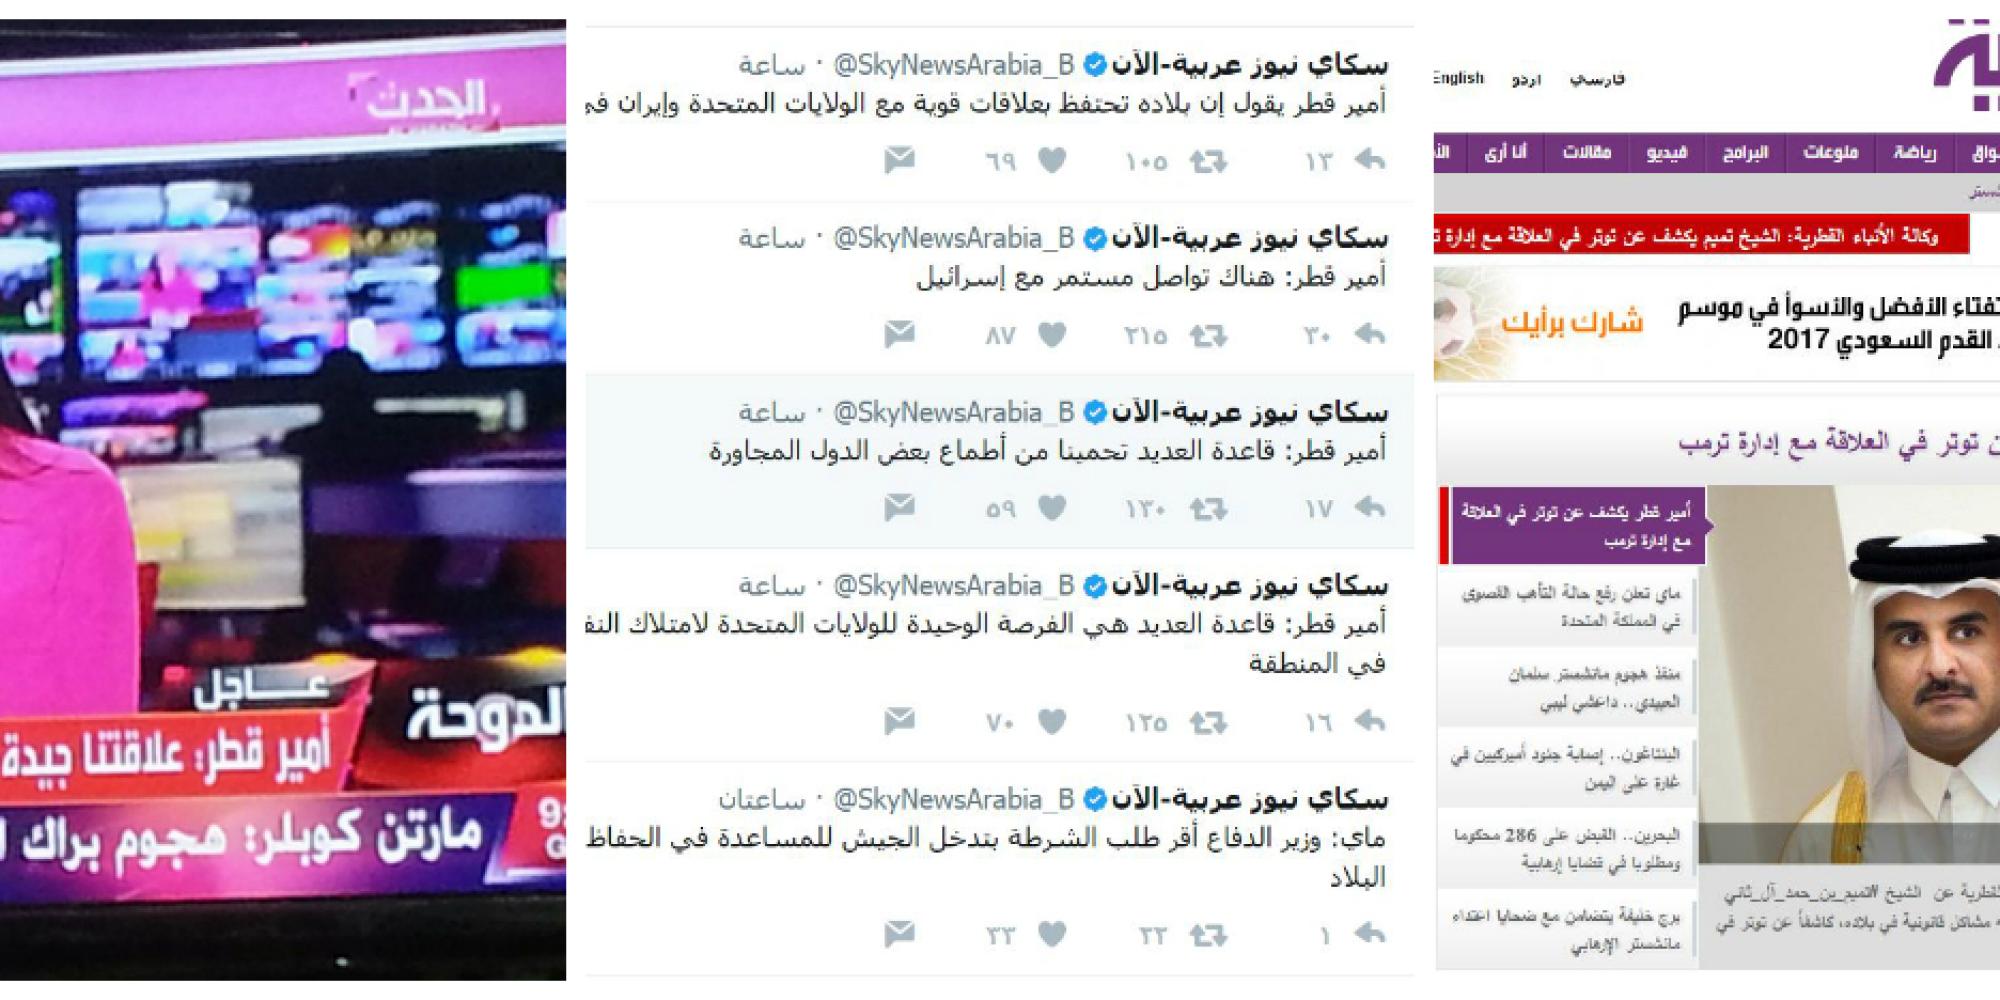 الإمارات تحظر موقع الجزيرة.. و تلفيق  تصريحات للأمير تميم بعد اختراق موقع وكالة الأنباء القطرية